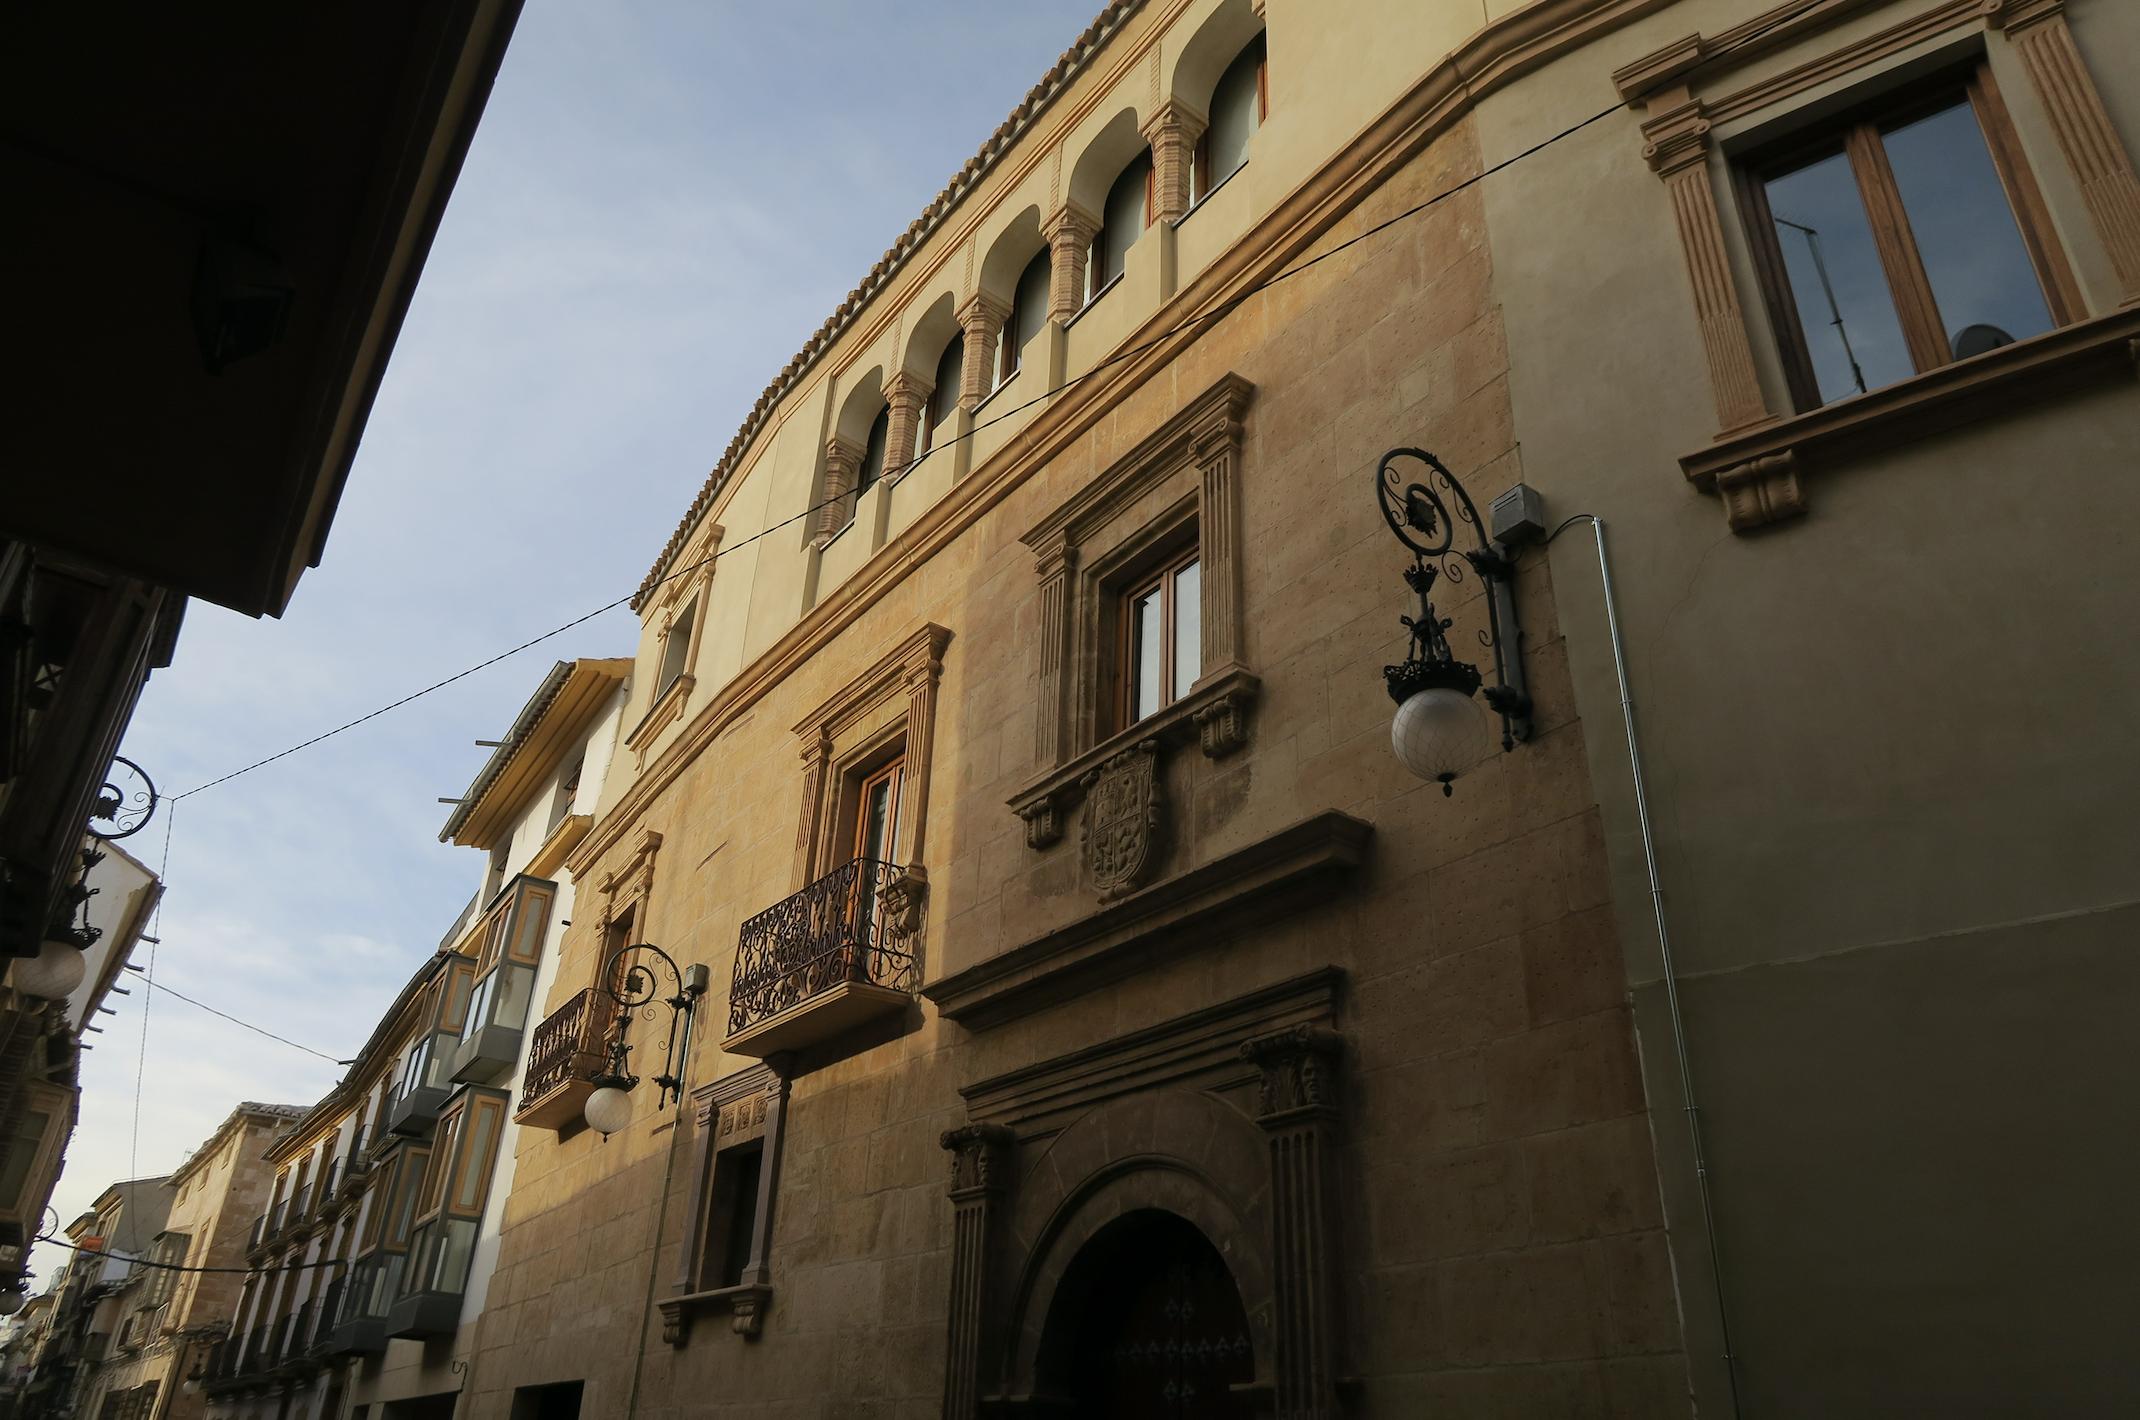 Lorquimur presenta el edificio que albergará la sede de su fundación: la casa de los Irurita.